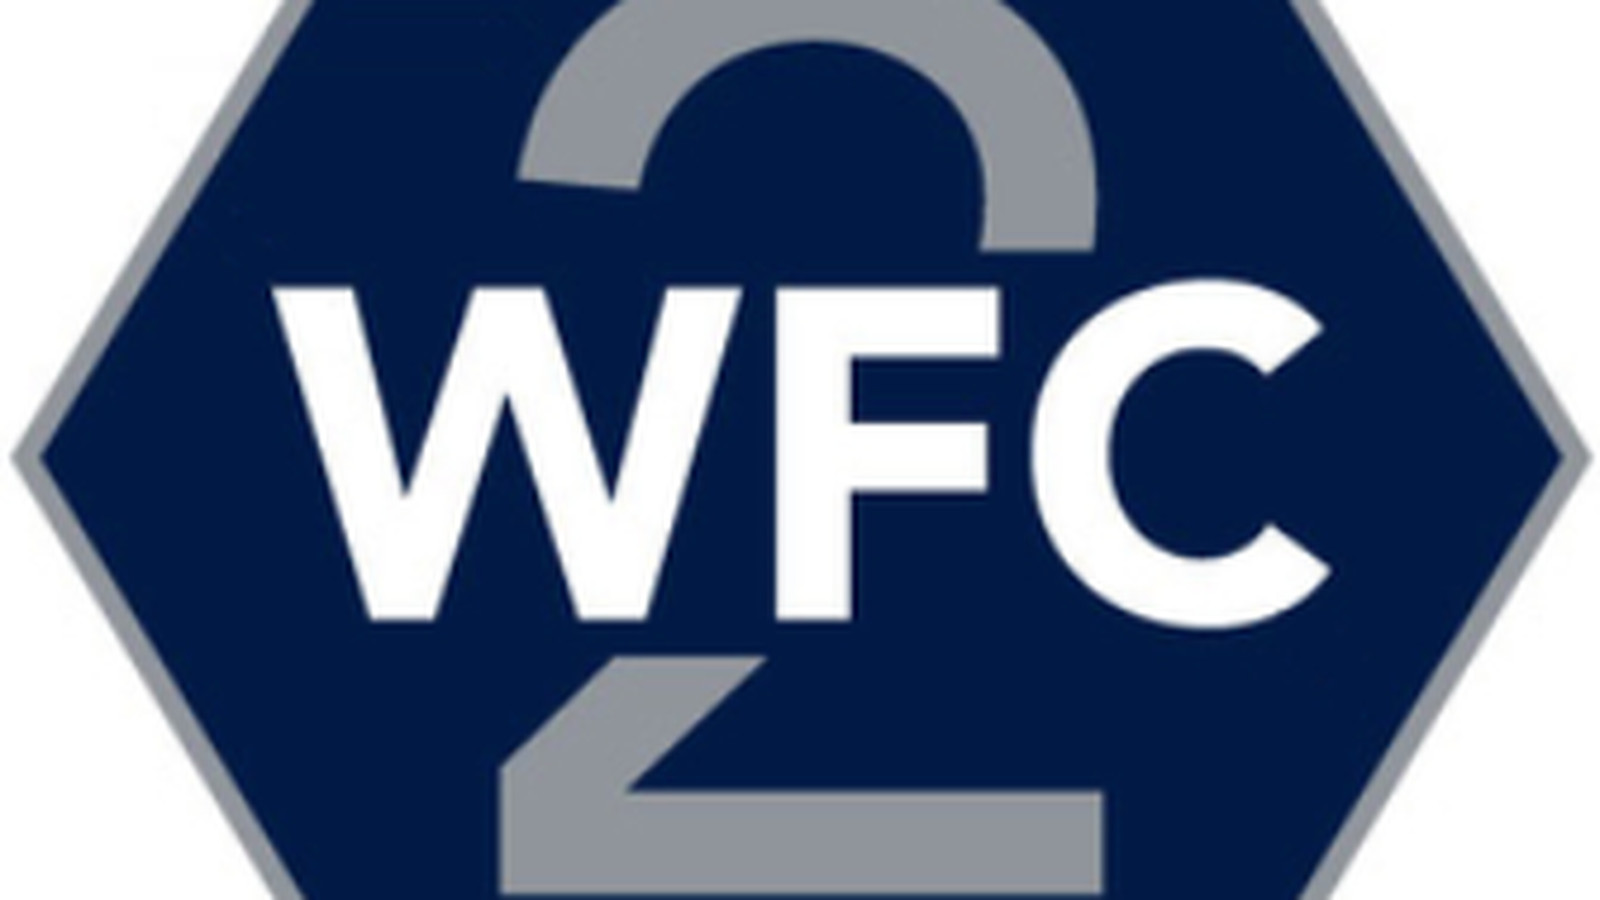 Wfc2_logo.0.0